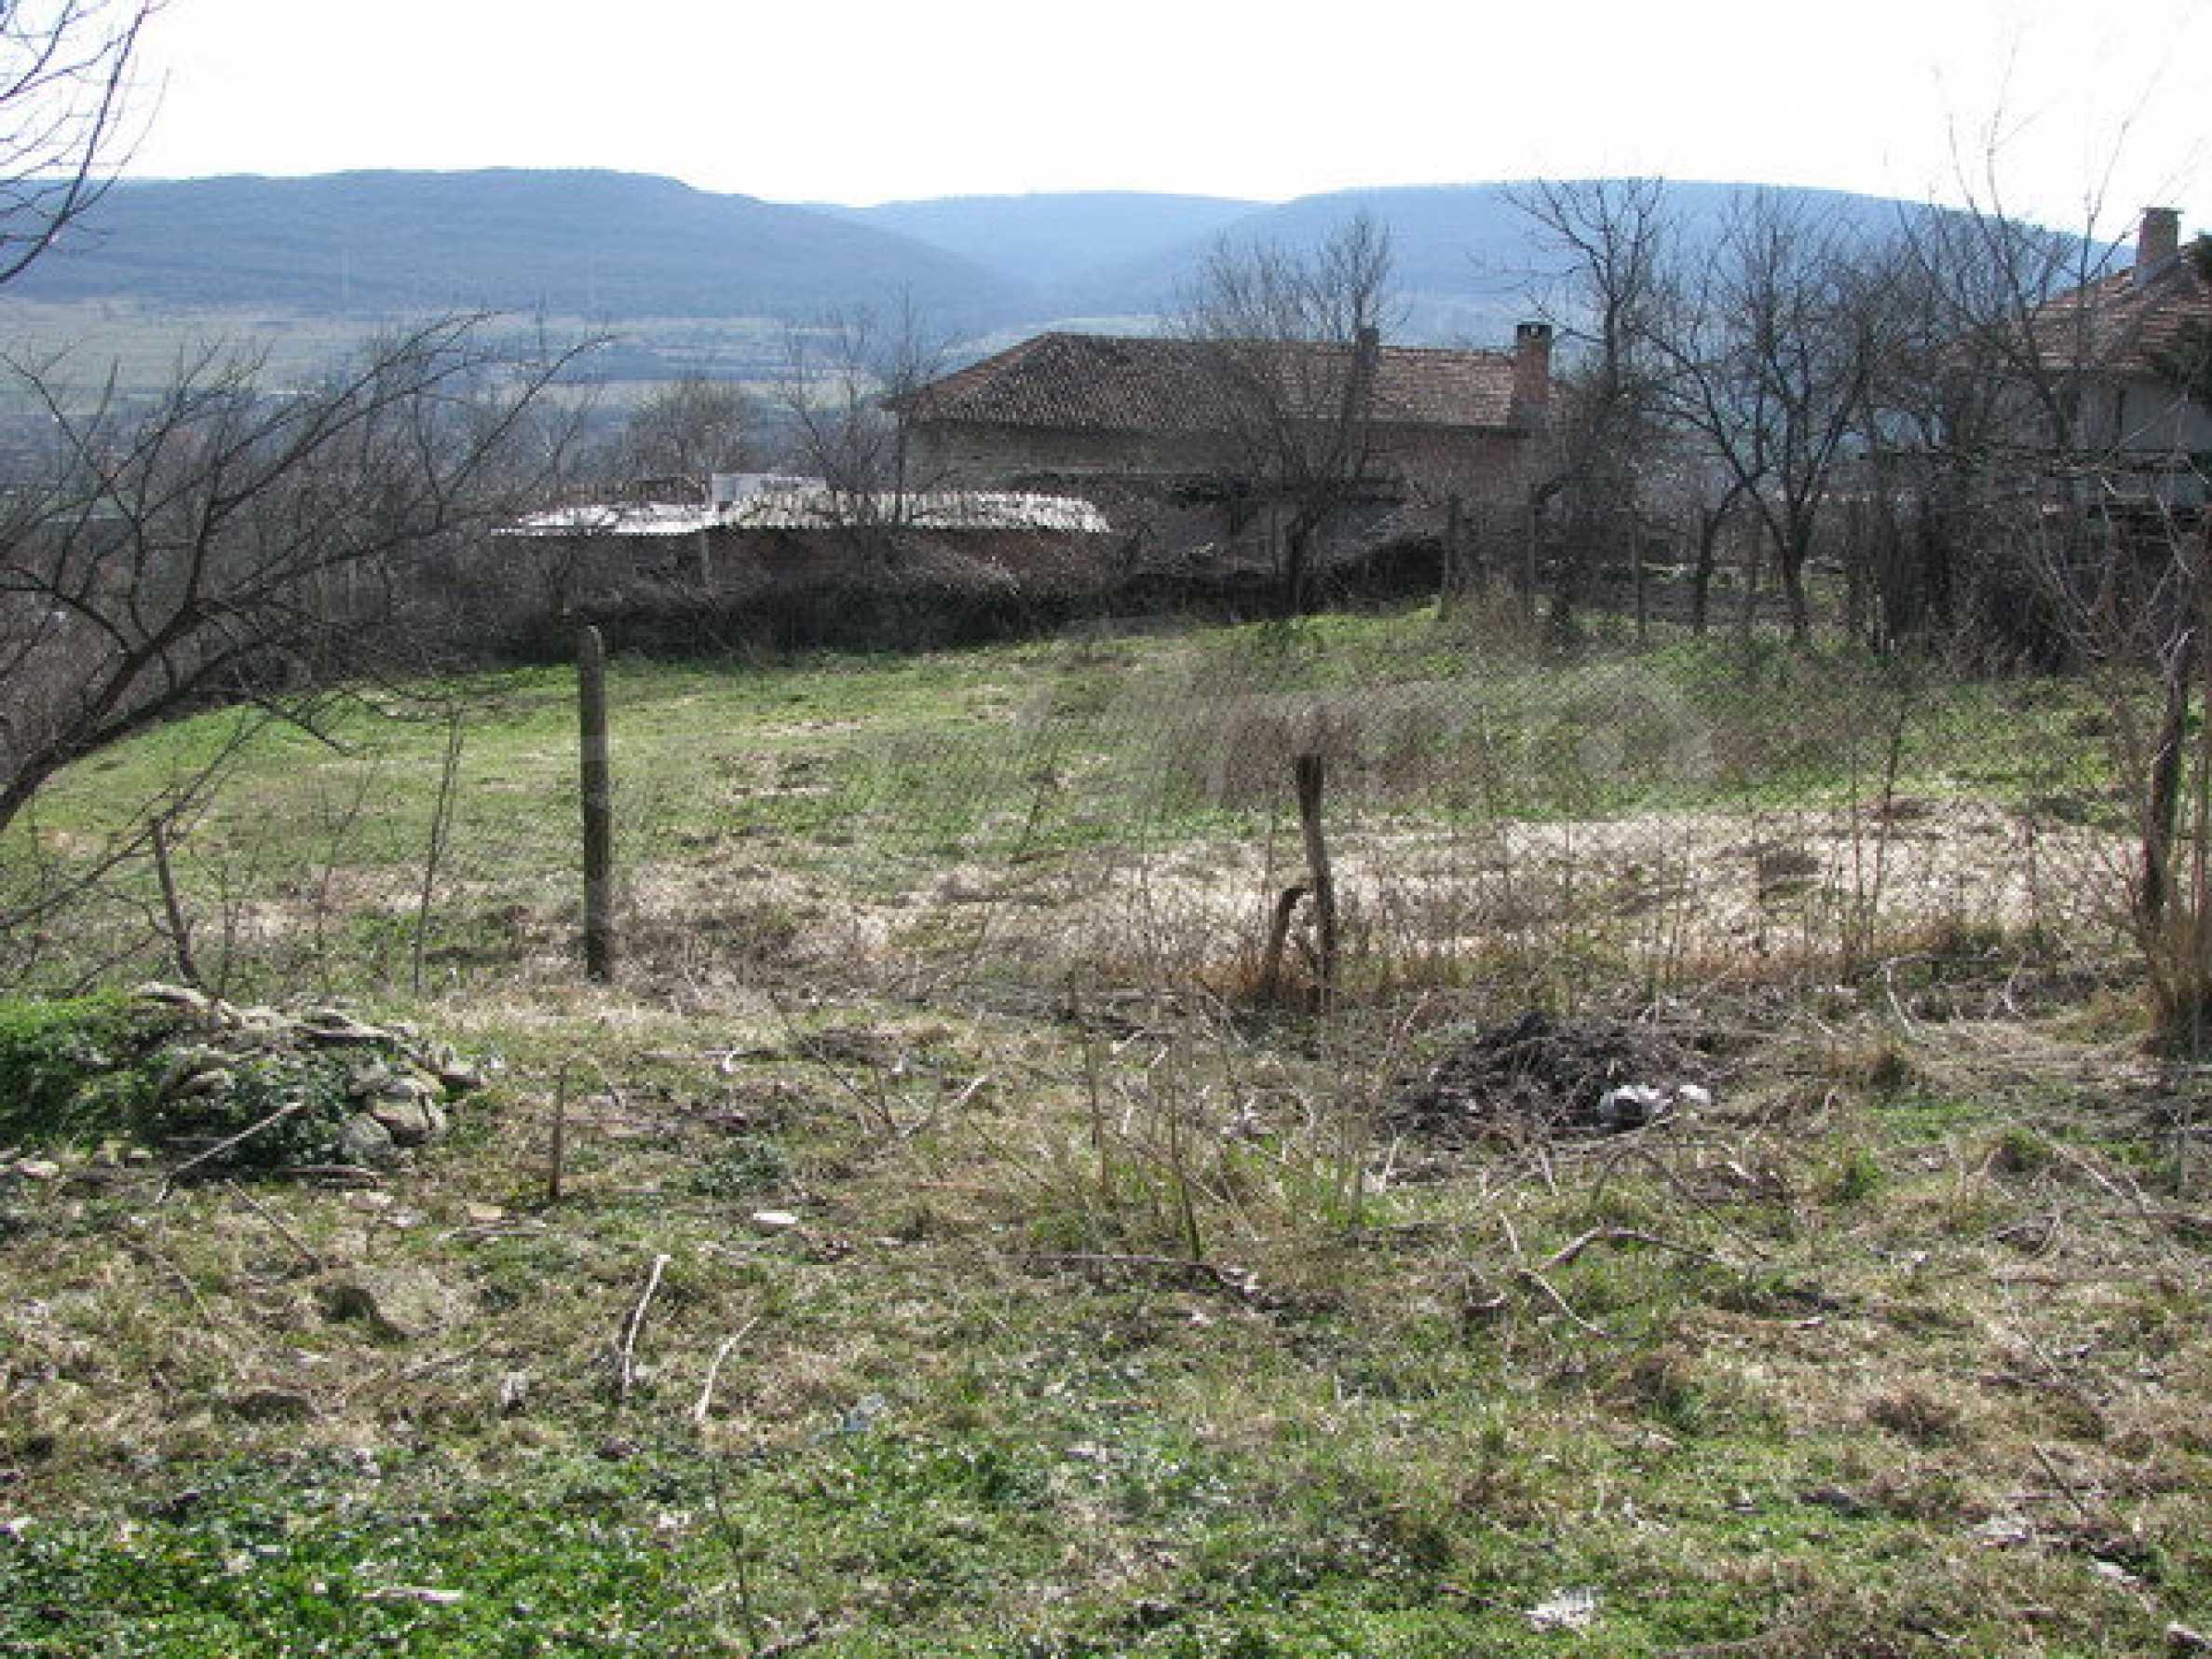 Grundstück in einem lebhaften Dorf in der Nähe von Veliko Tarnovo mit sehr guter Infrastruktur